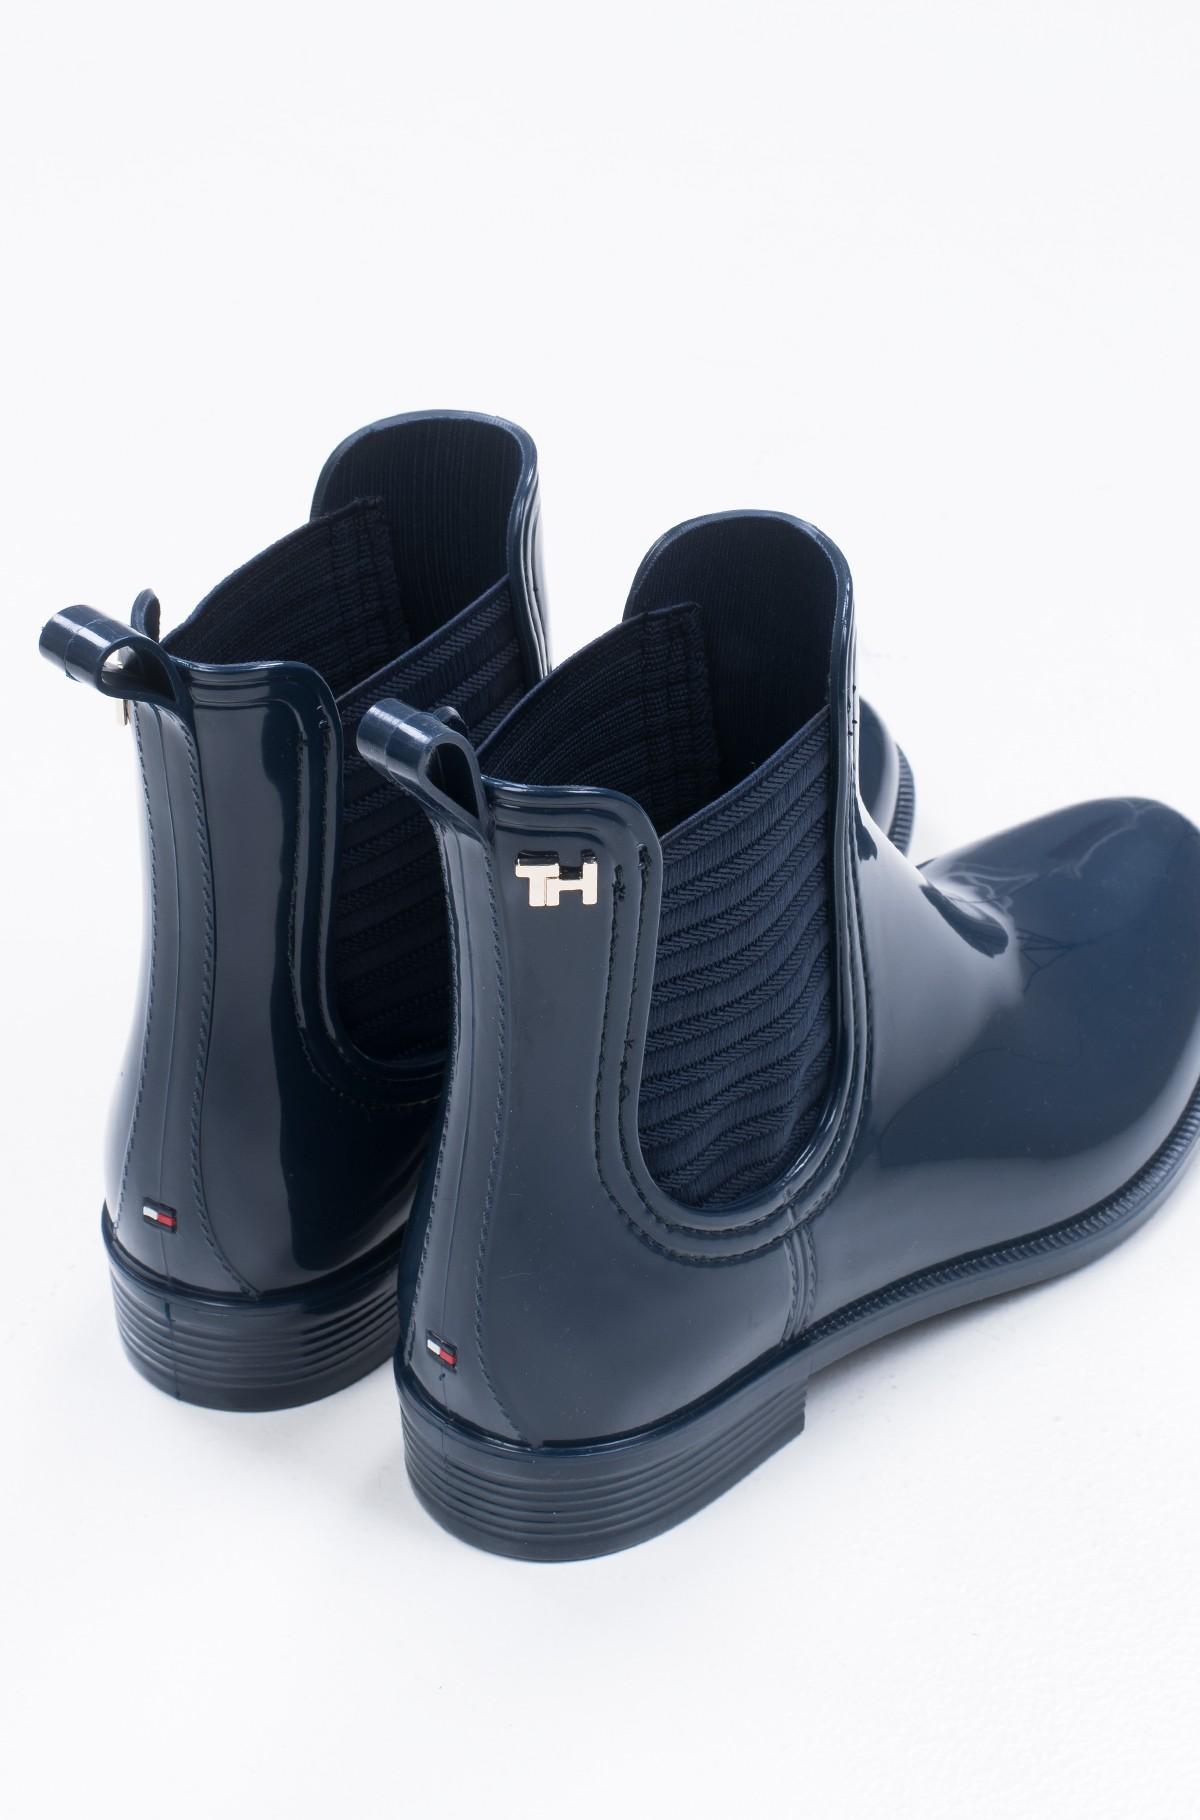 Guminiai batai FEMININE PATENT RAINBOOT-full-1